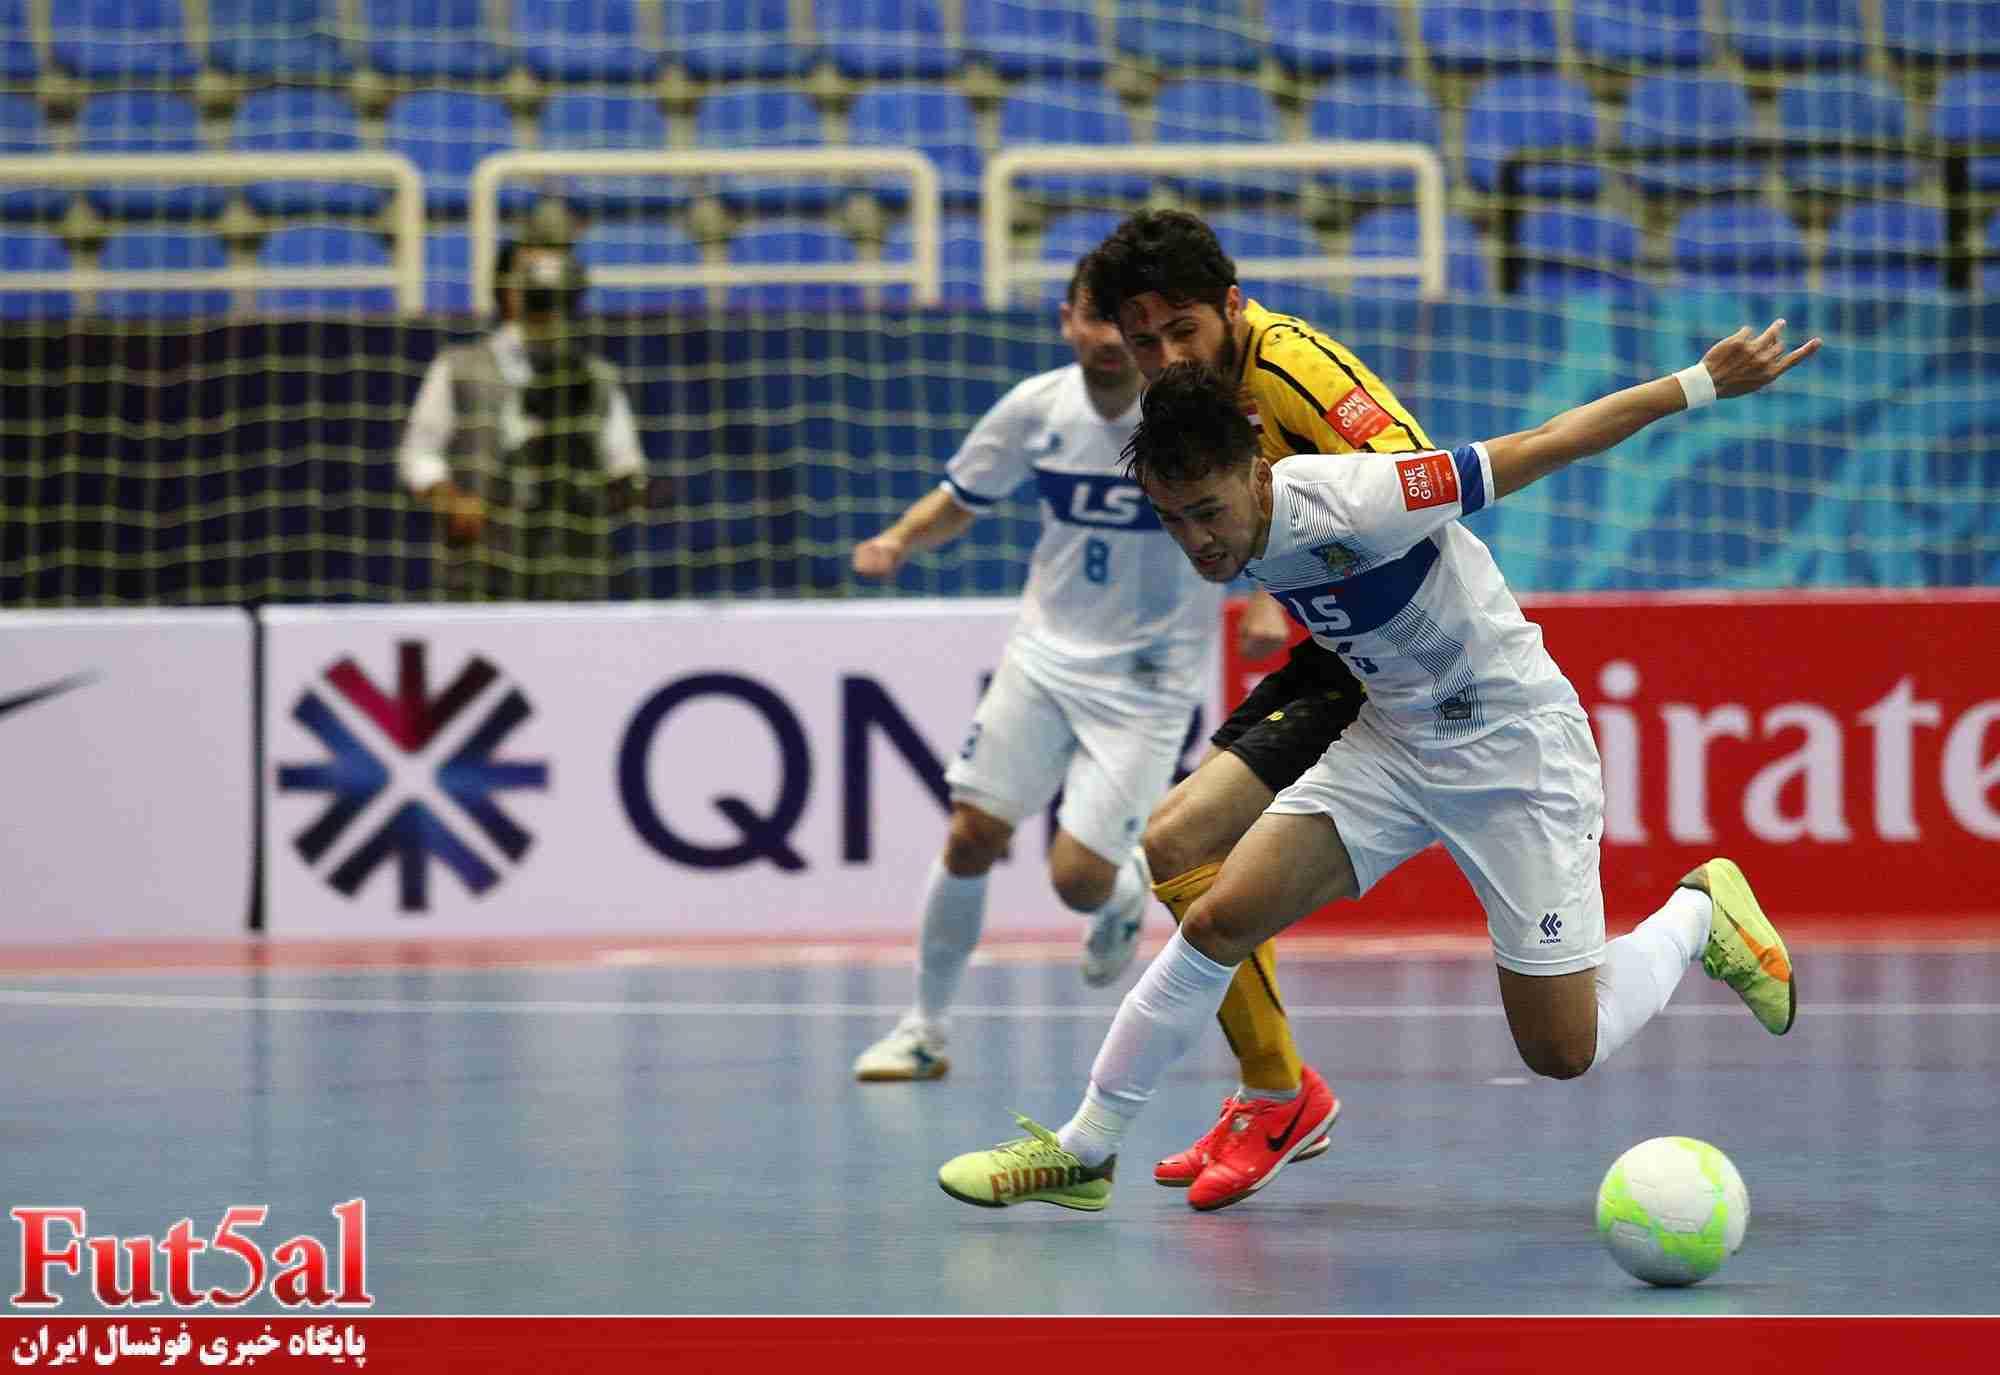 پیروزی تای سون نام ویتنام مقابل نفت الوسط عراق در دیدار رده بندی/نماینده ویتنام سوم شد